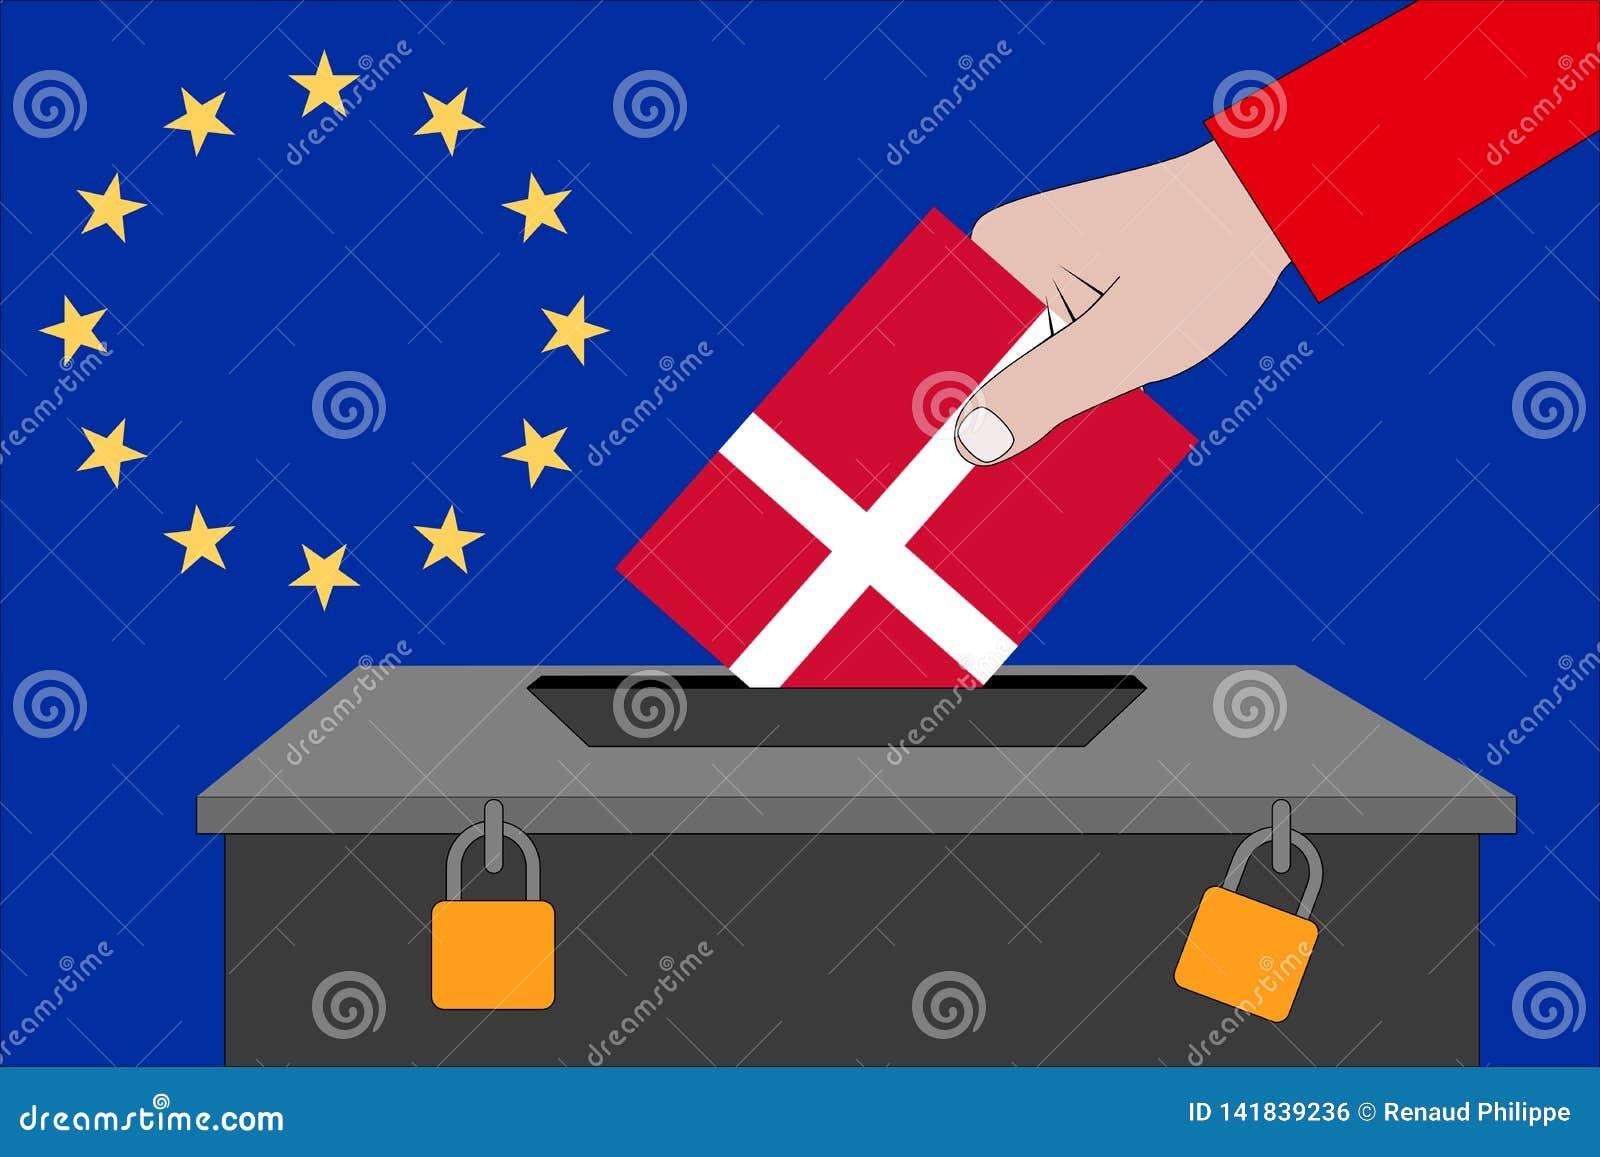 Danmark valurna för de europeiska valen